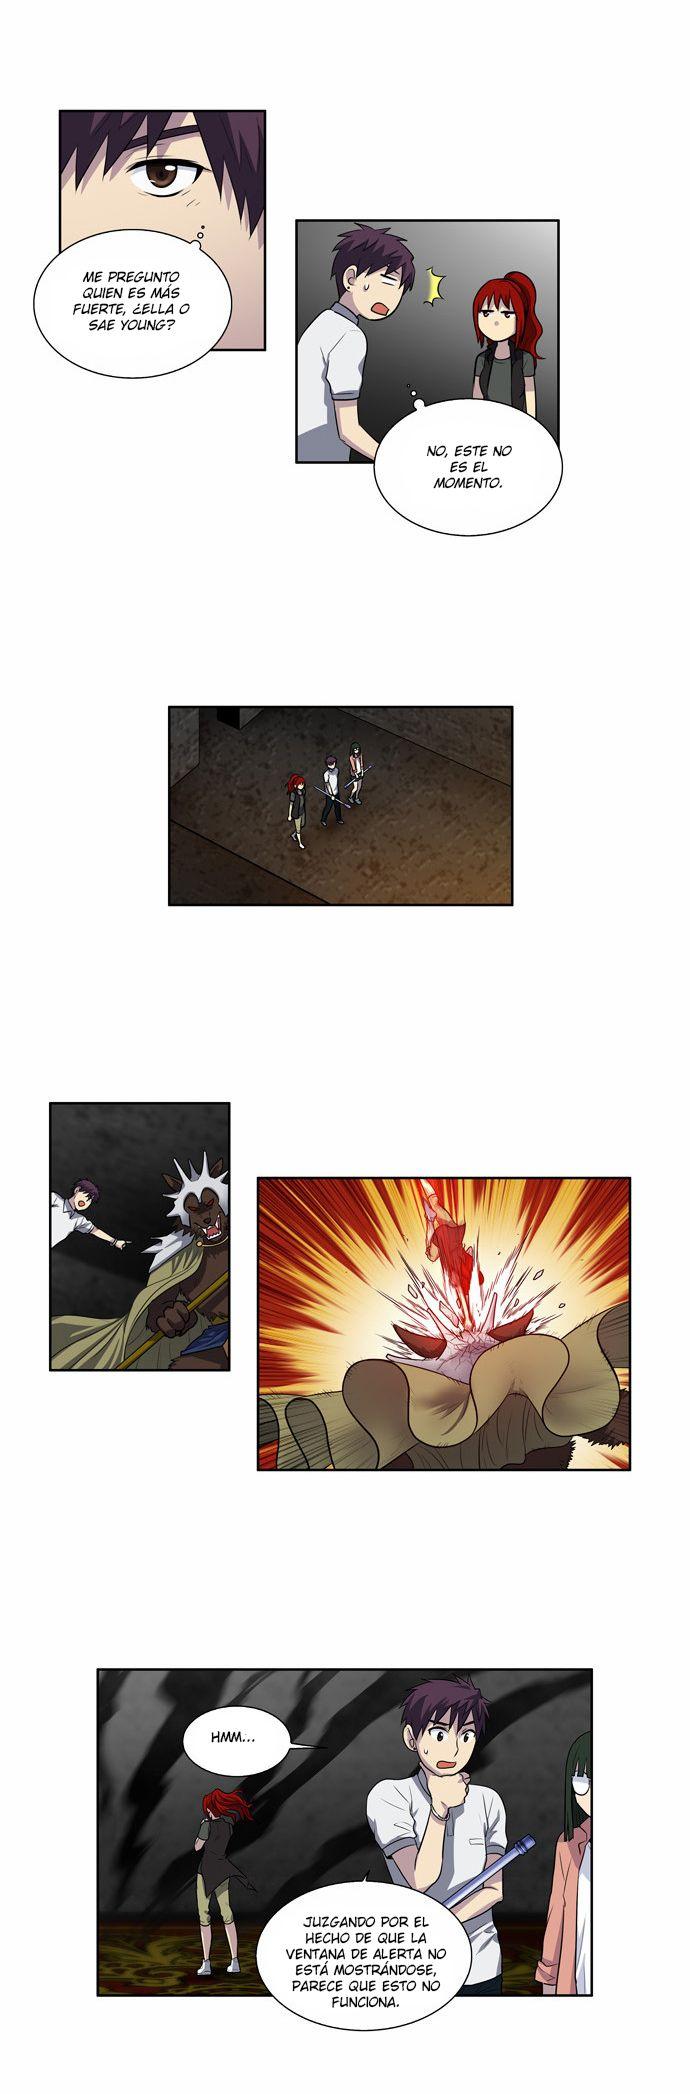 http://c5.ninemanga.com/es_manga/61/1725/482105/d8b33c9a42ac503716ea4cad5b7b9217.jpg Page 15